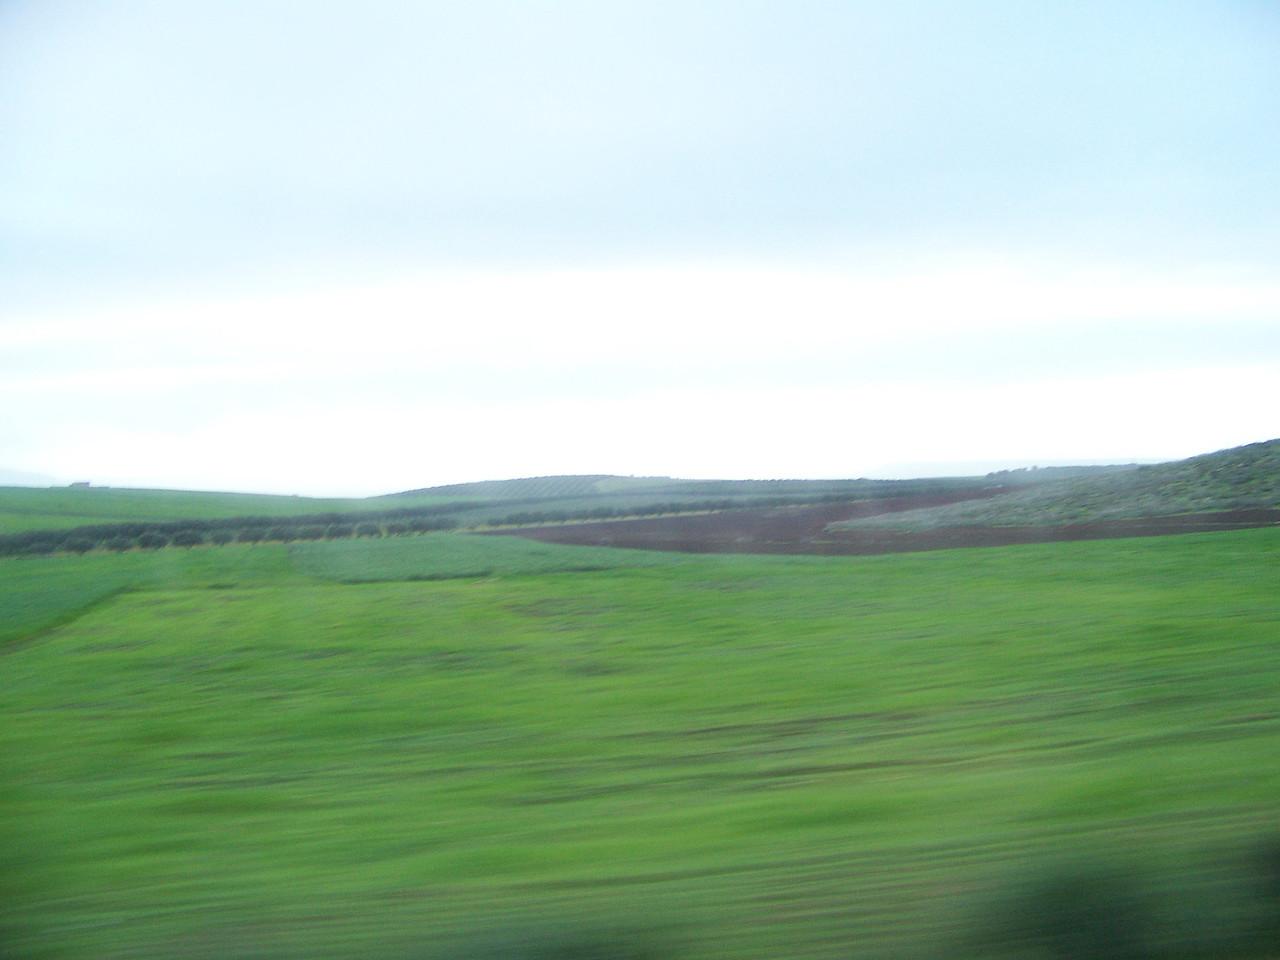 0046 - Countryside on Hwy N13 Between Meknes and Volubilis - Morocco.JPG